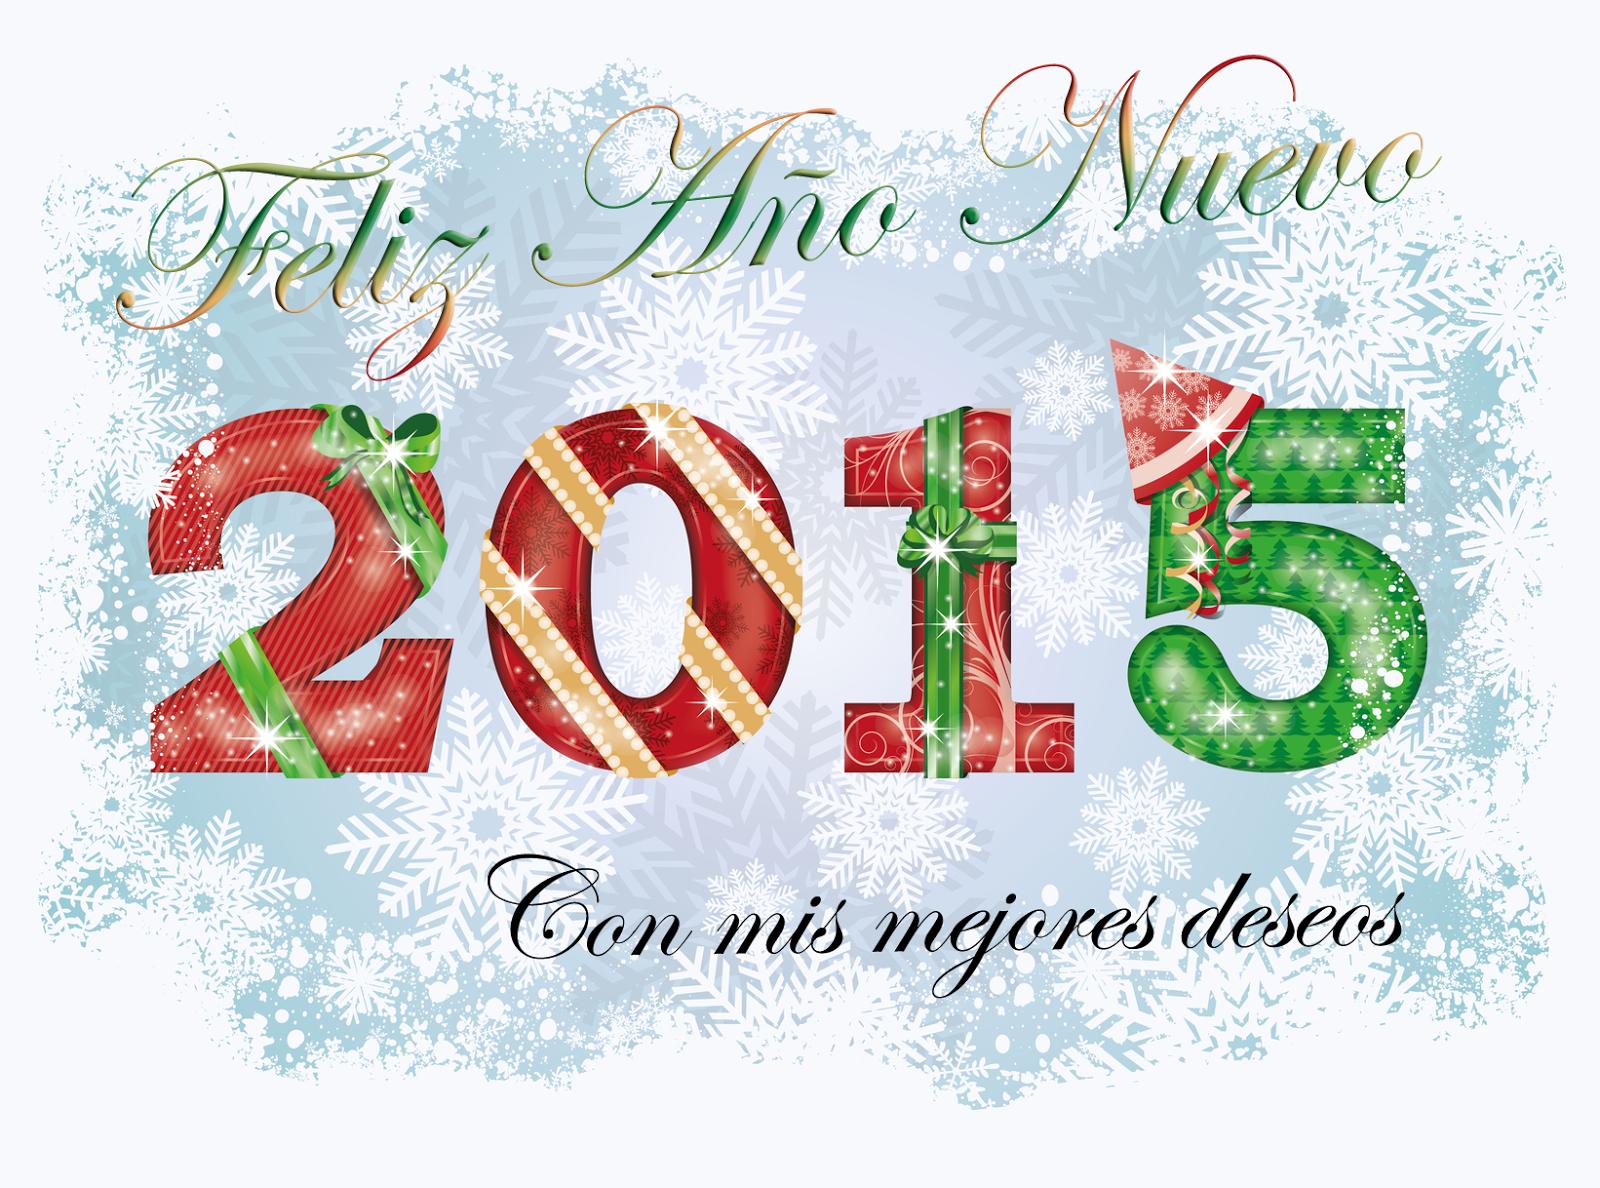 RITUALES PARA RECIBIR EL NUEVO AÑO 2015